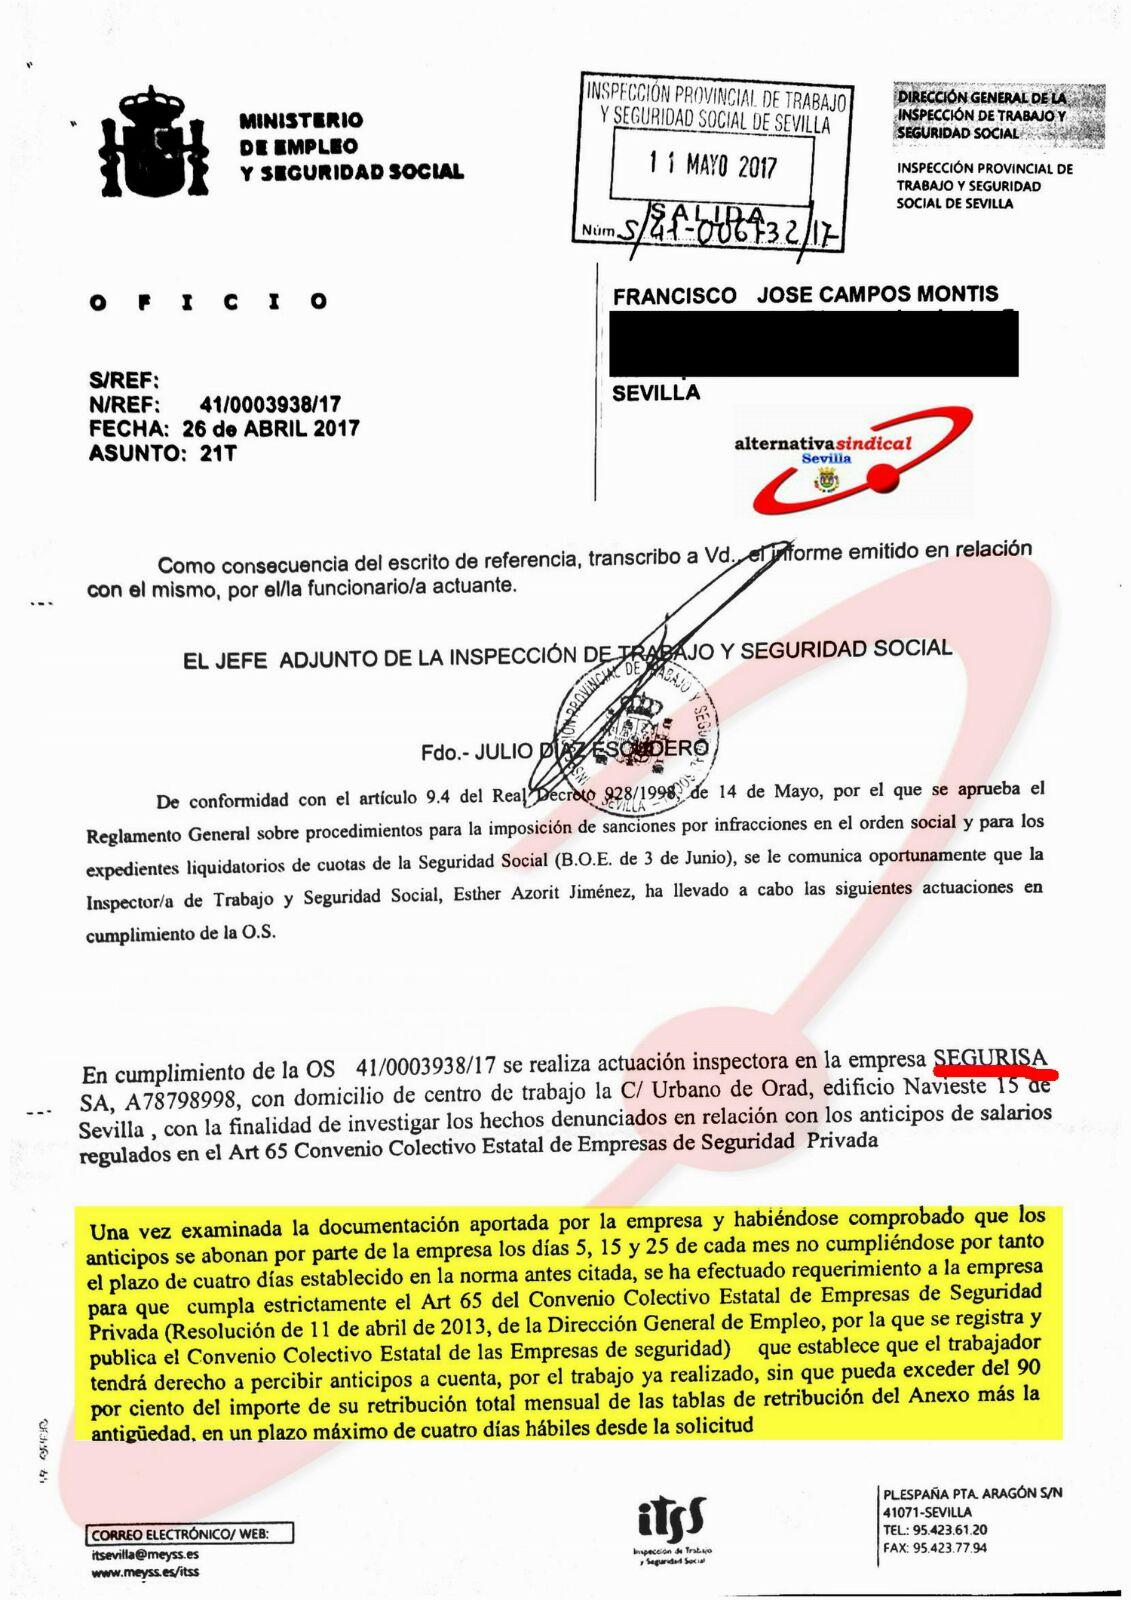 RESOLUCION INSPECIÓN DE TRABAJO SEGURISA SEVILLA